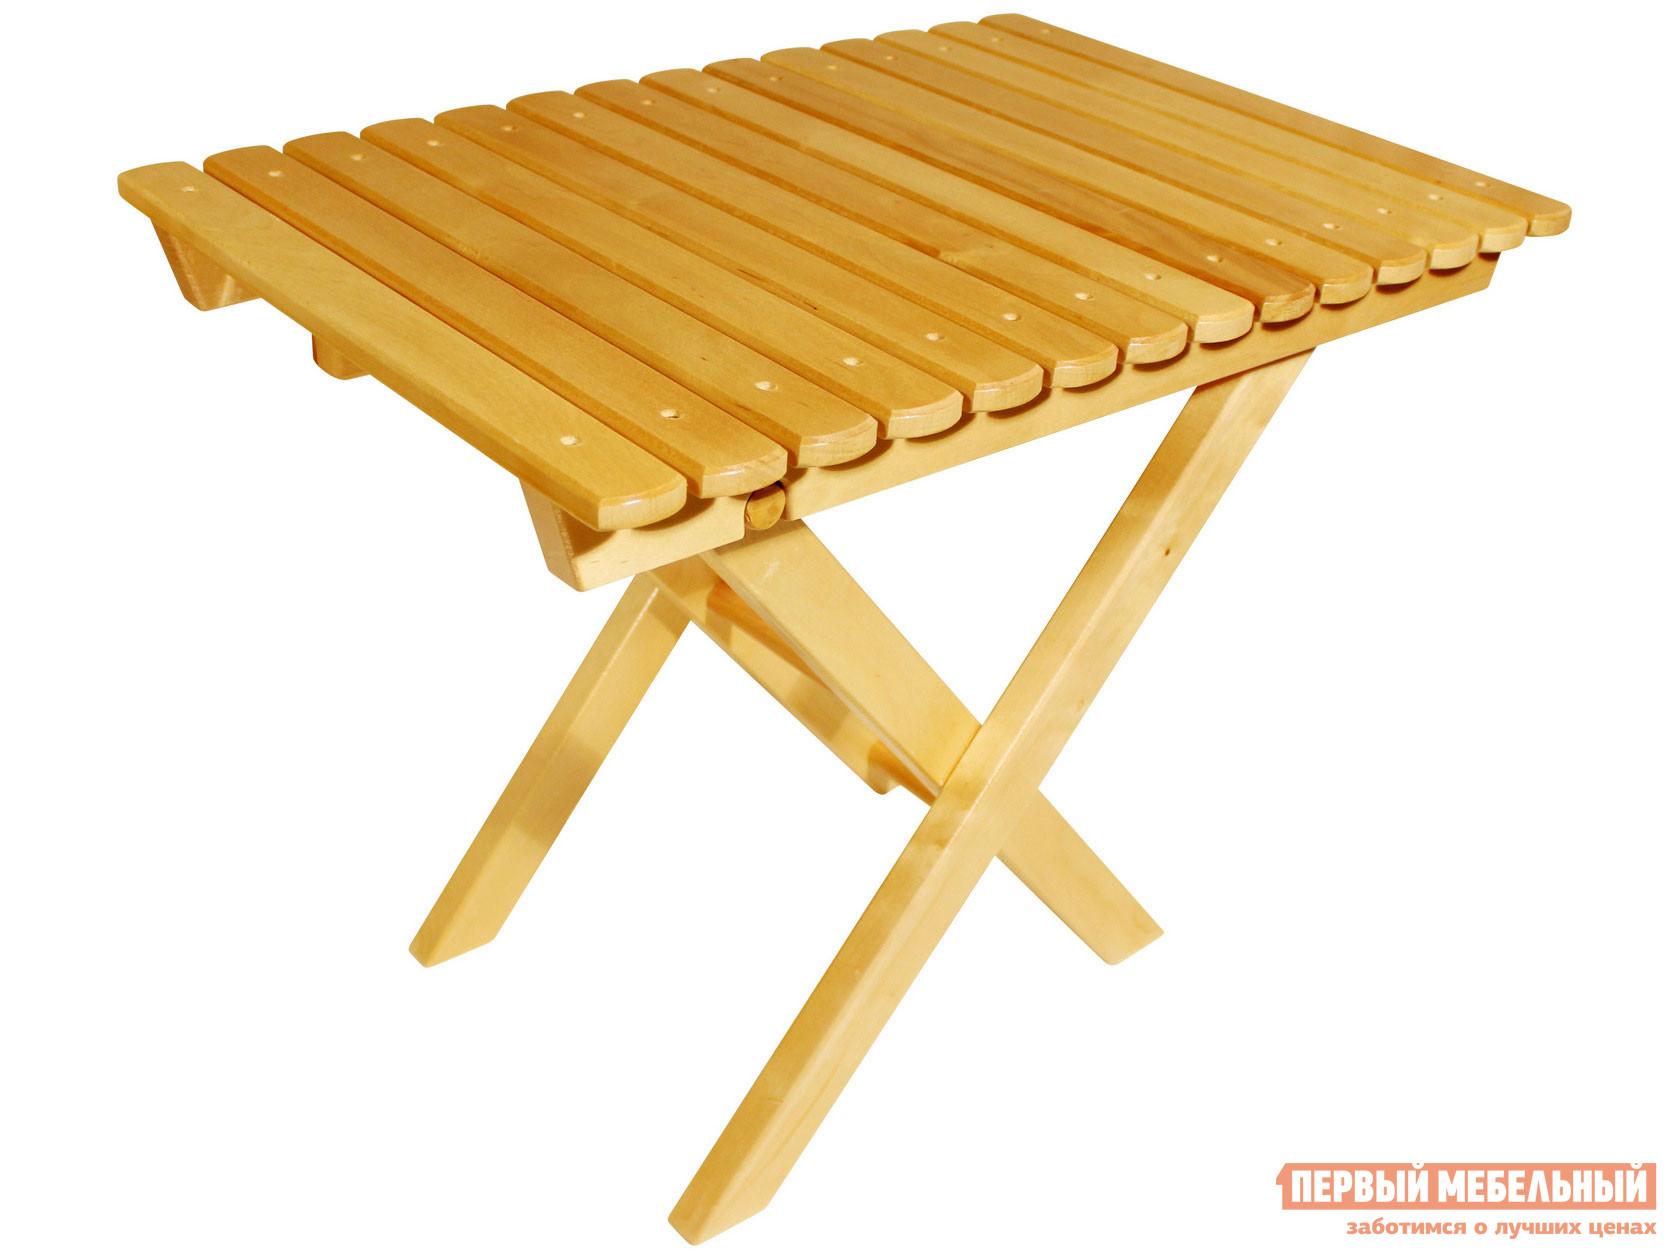 Садовый стол складной Смолянка СМ006Б, СМ008Б, СМ010Б